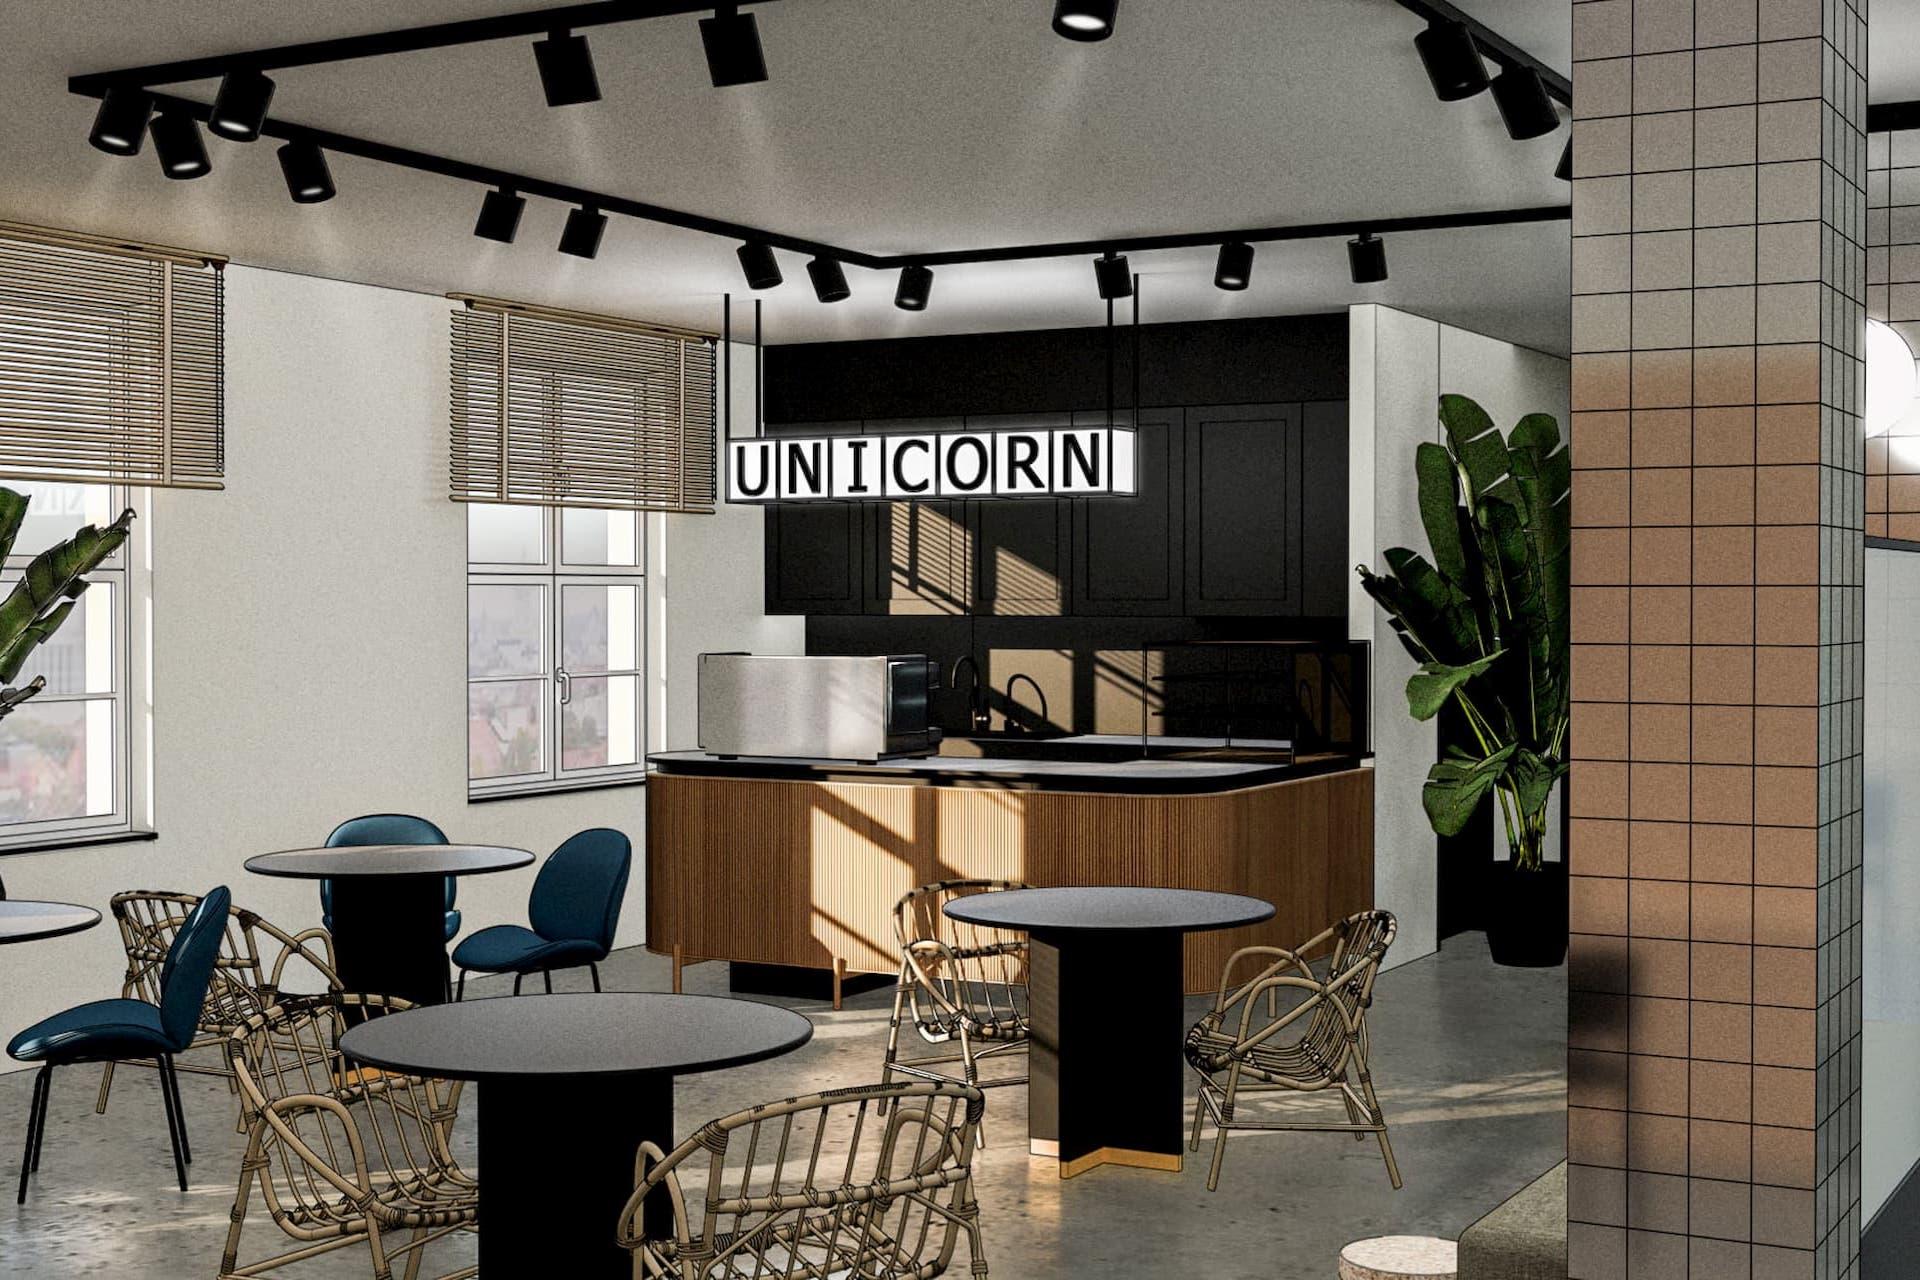 Unicorn Workspaces - Kaufingerstrasse